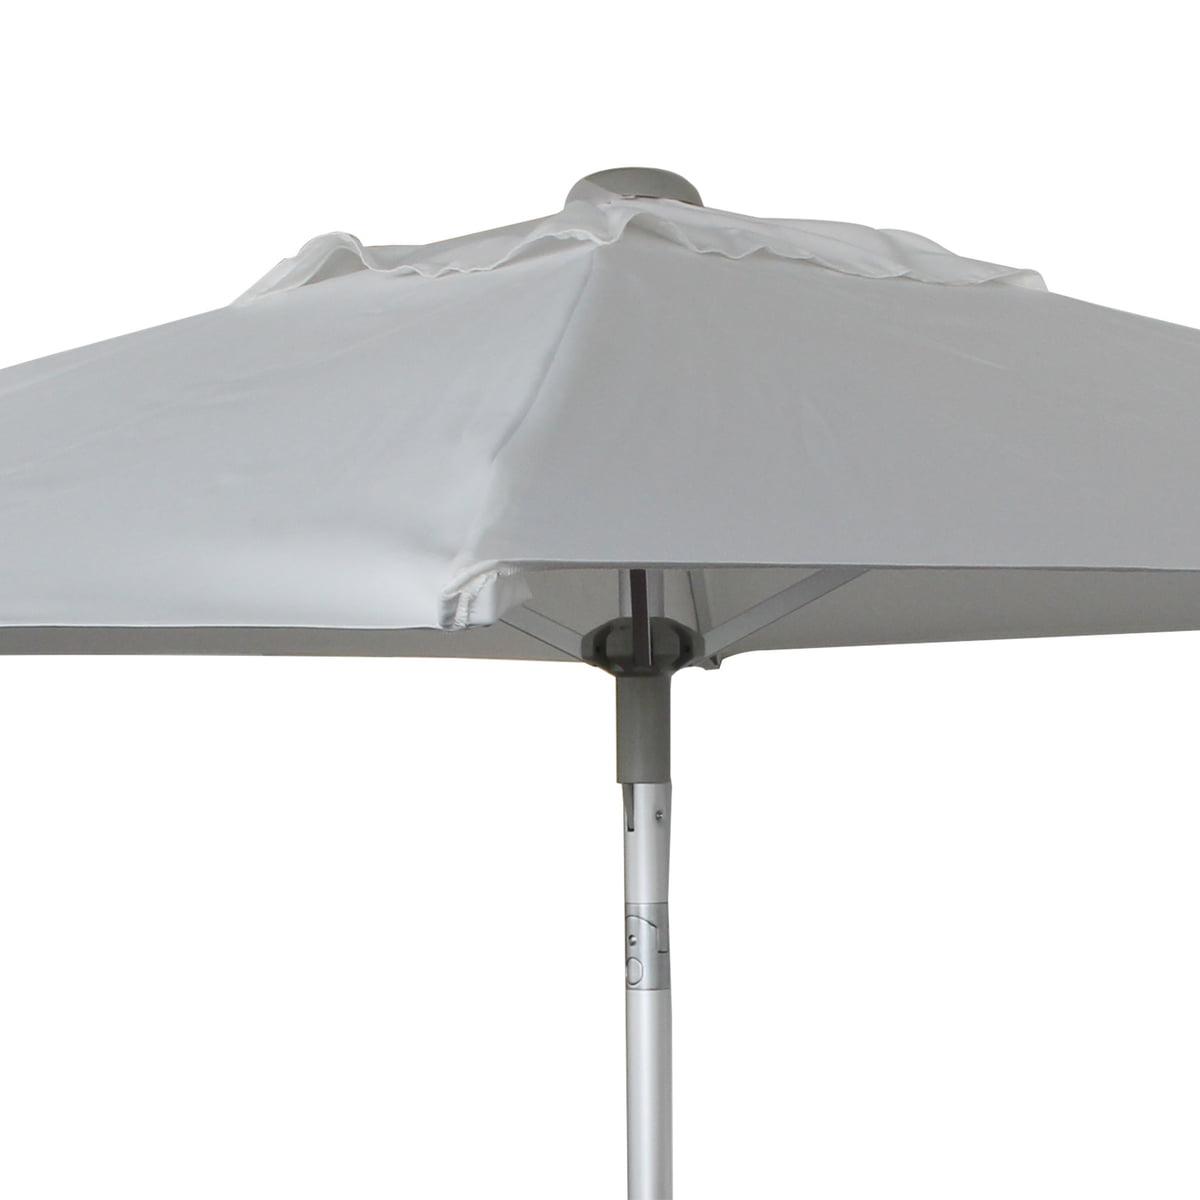 Jan Kurtz Sonnenschirm elba sonnenschirm eckig jan kurtz kaufen